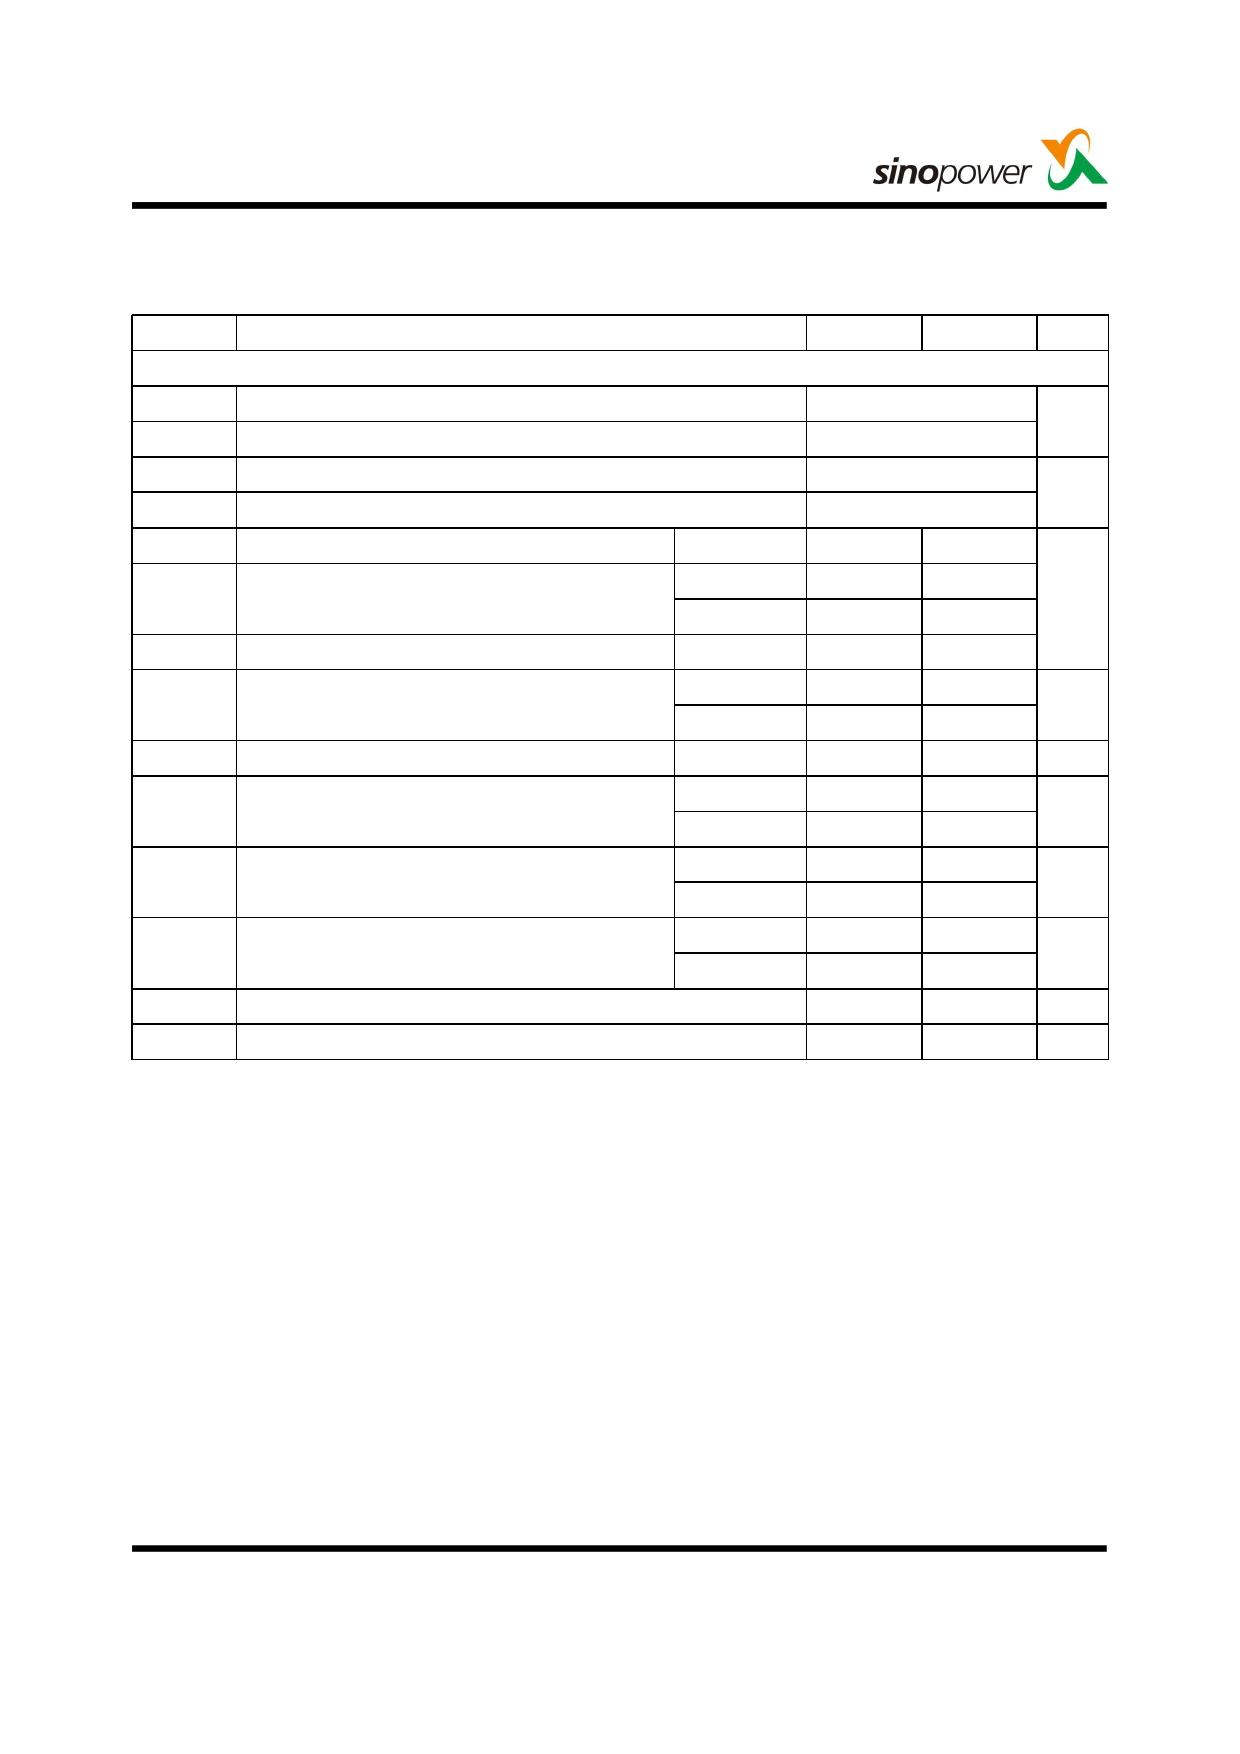 SM7305ESKP pdf